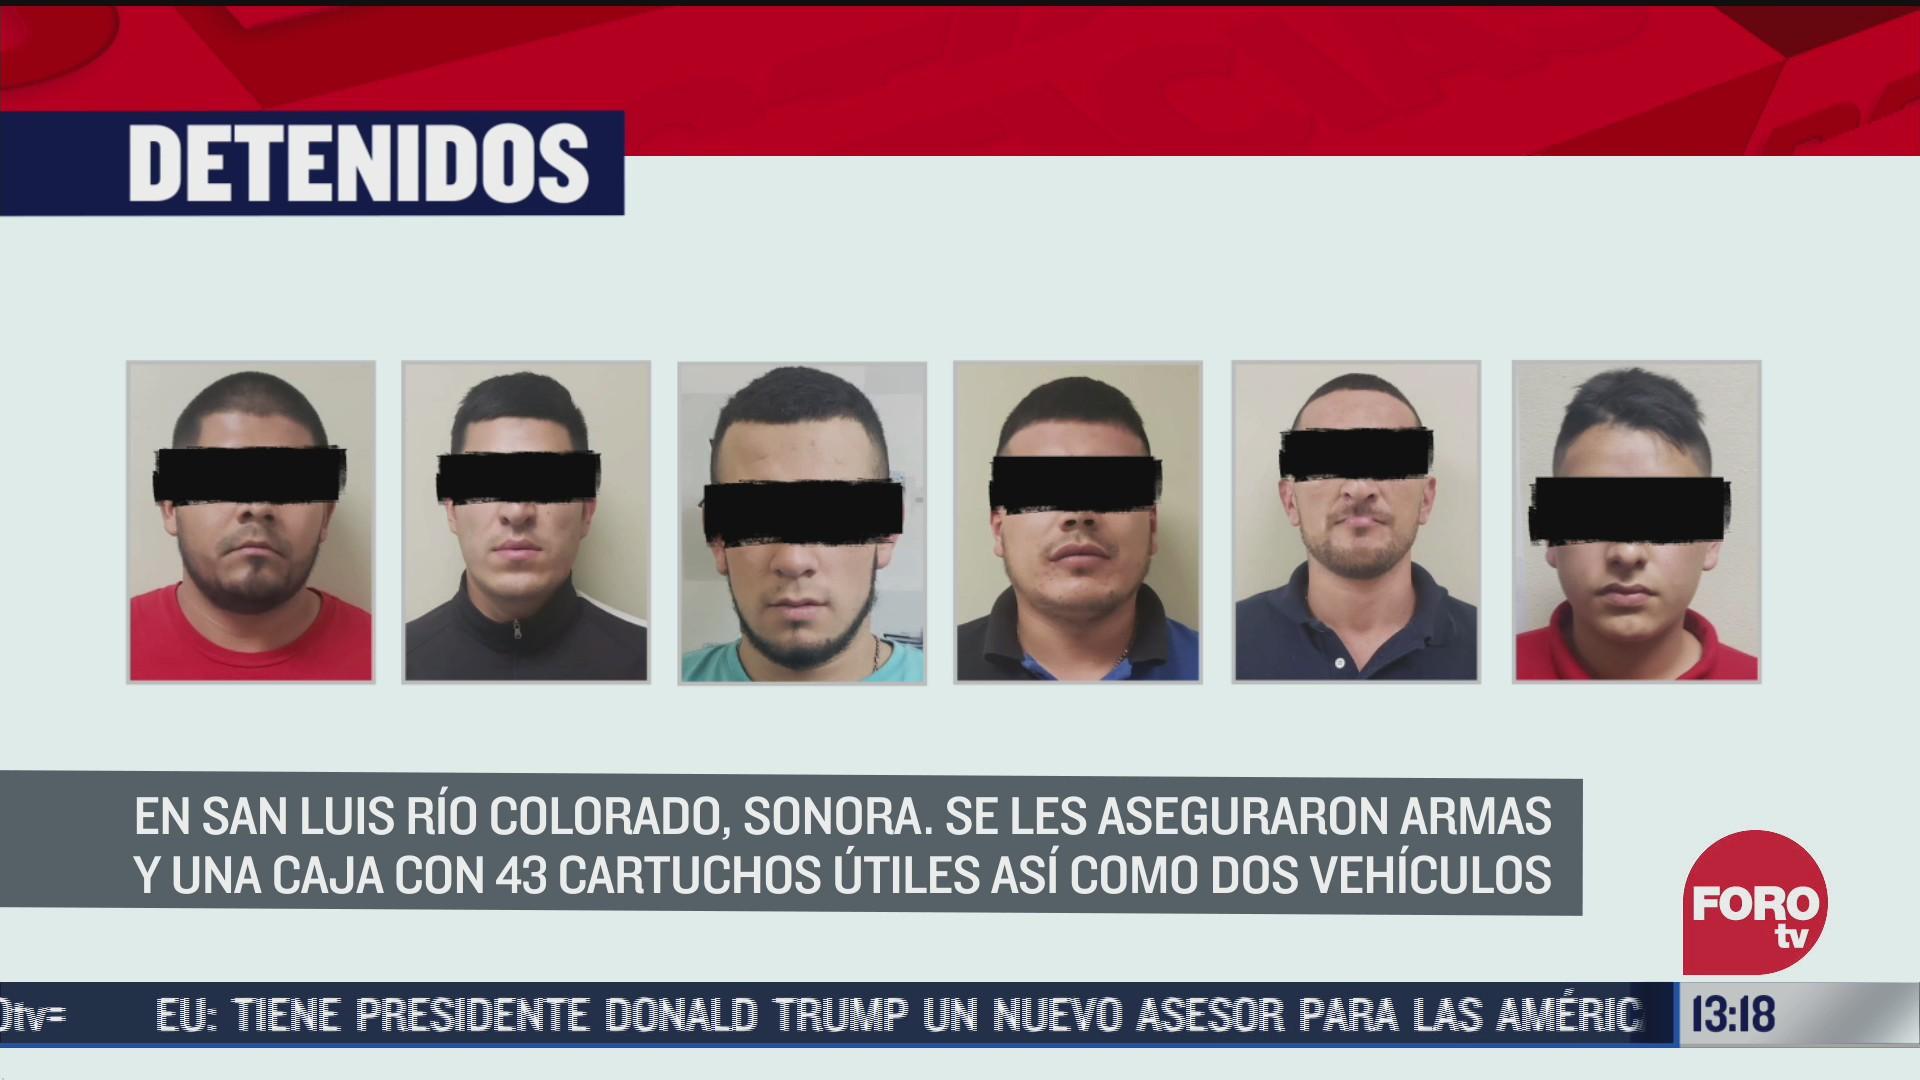 seis detenidos por portacion de armas en sonora